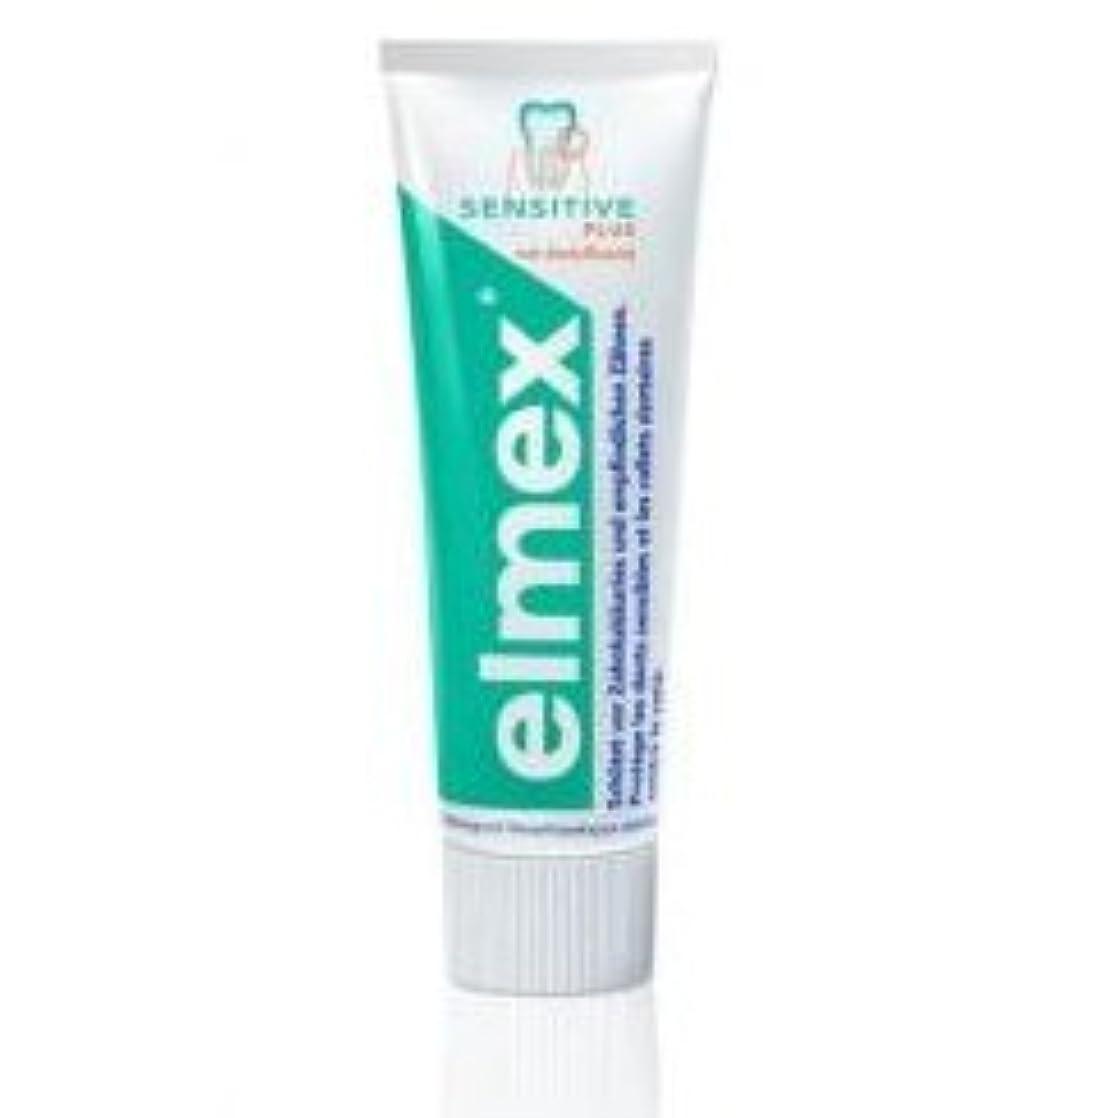 反対するハイランド試してみるエルメックス センシティブ 歯磨き粉 75ml (elmex sensitive toothpaste 75ml)【並行輸入品】